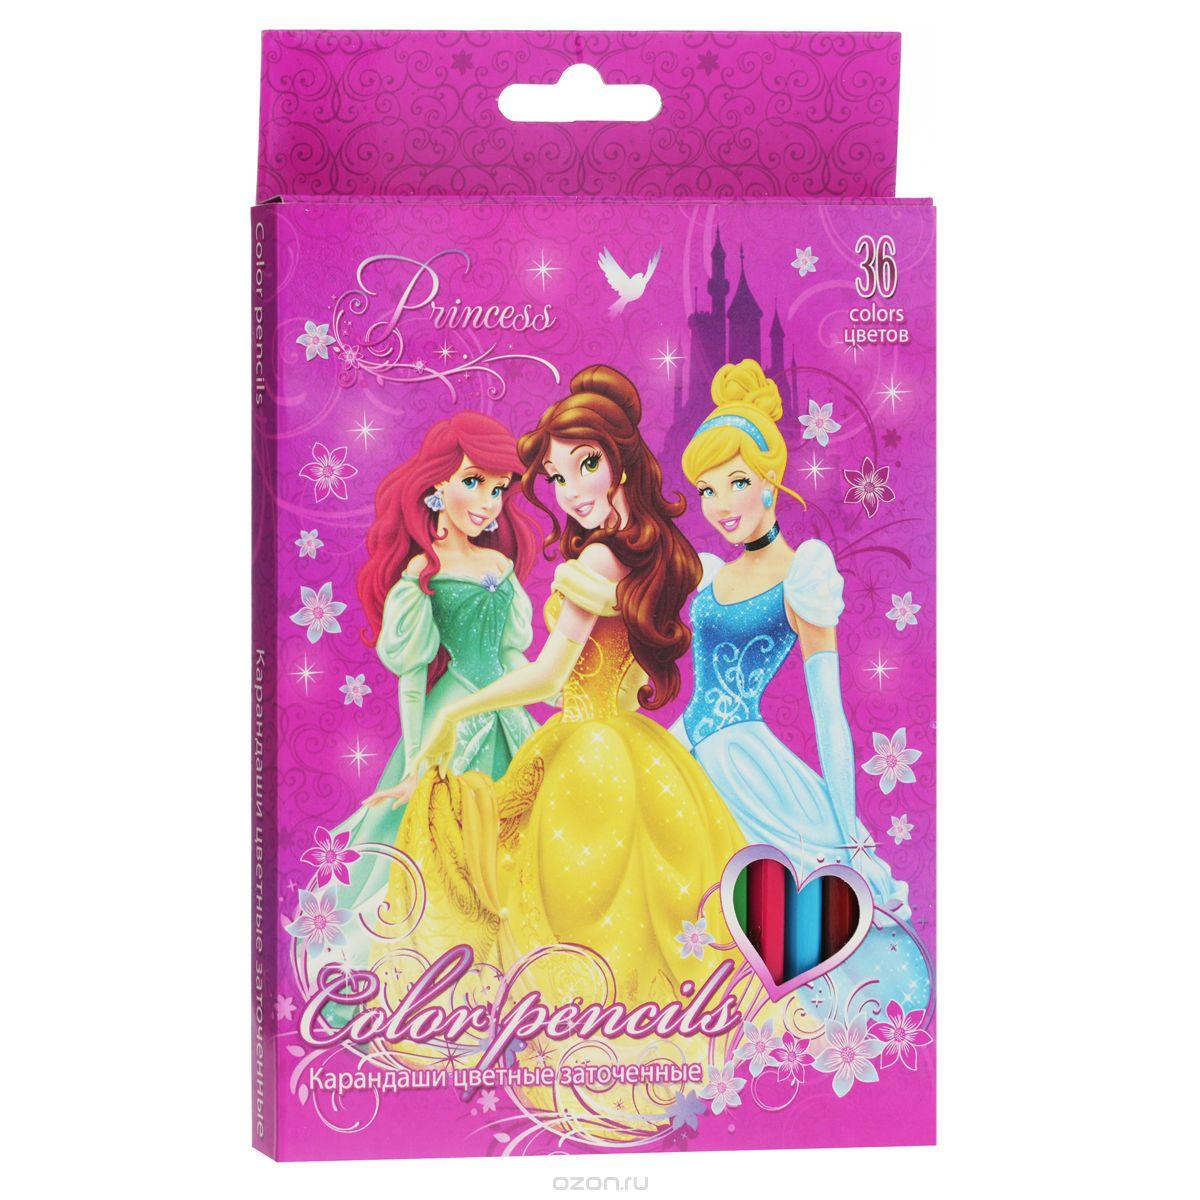 Набор цветных карандашей, 36 шт. Цветные карандаши длиной 17,8 см; заточенные; дерево - липа; цветной грифель 2,65 мм; PrincessL2531240Канцелярский набор Disney Princess станет незаменимым атрибутом в учебе любого школьника.